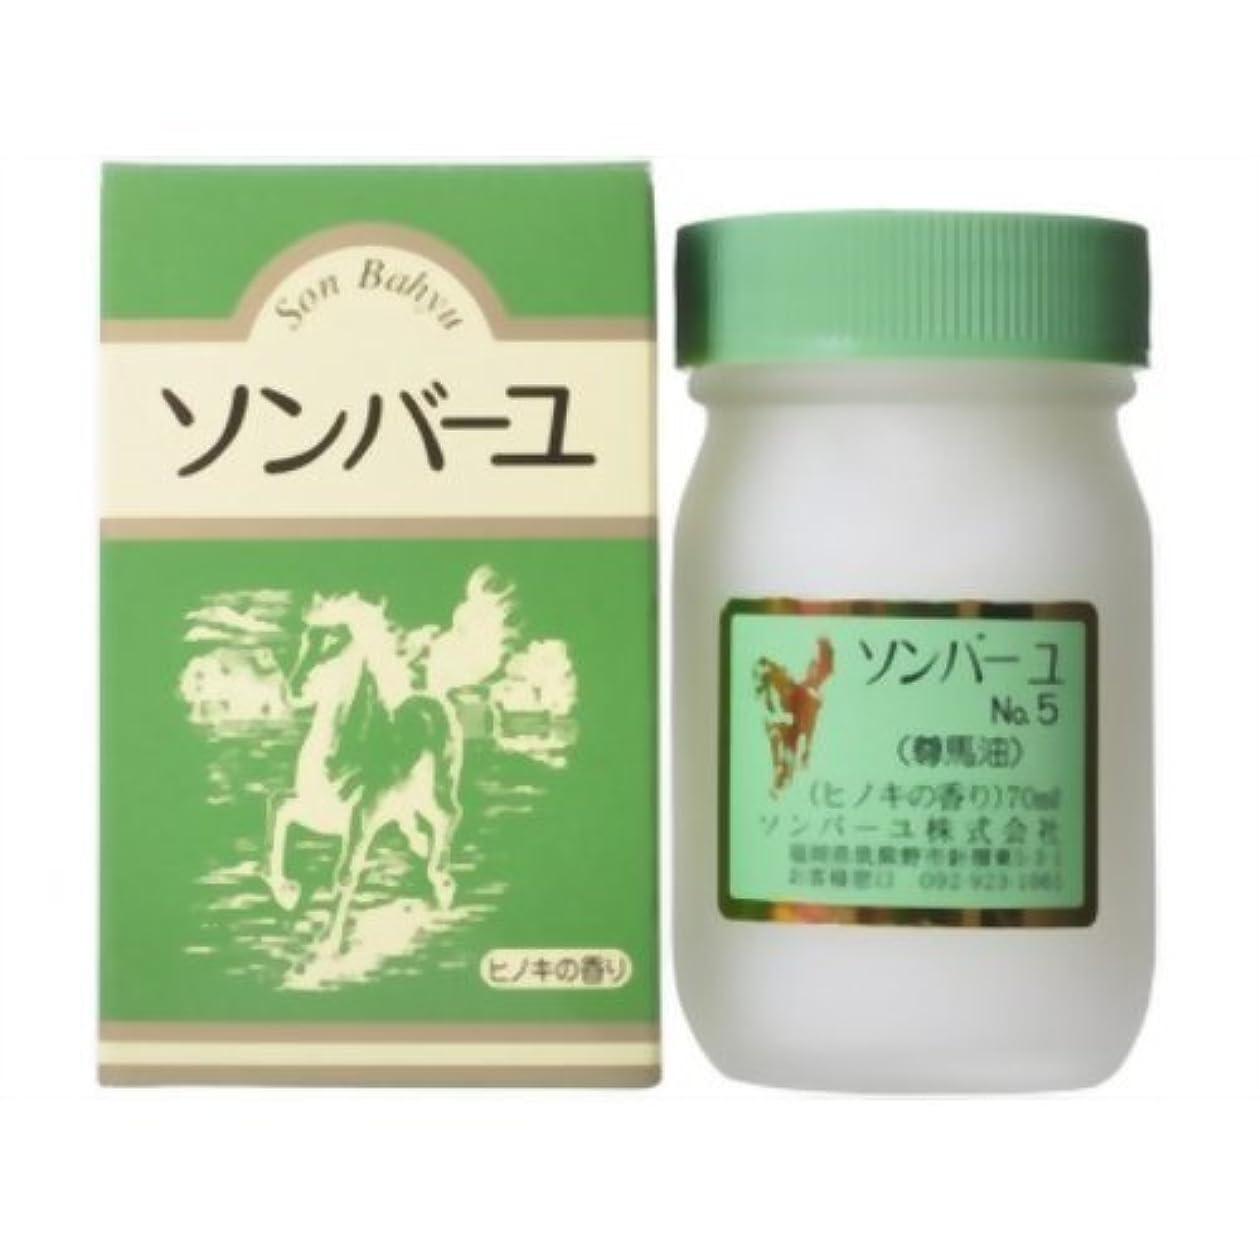 チャーター文法予算ソンバーユ ヒノキの香り 70ml